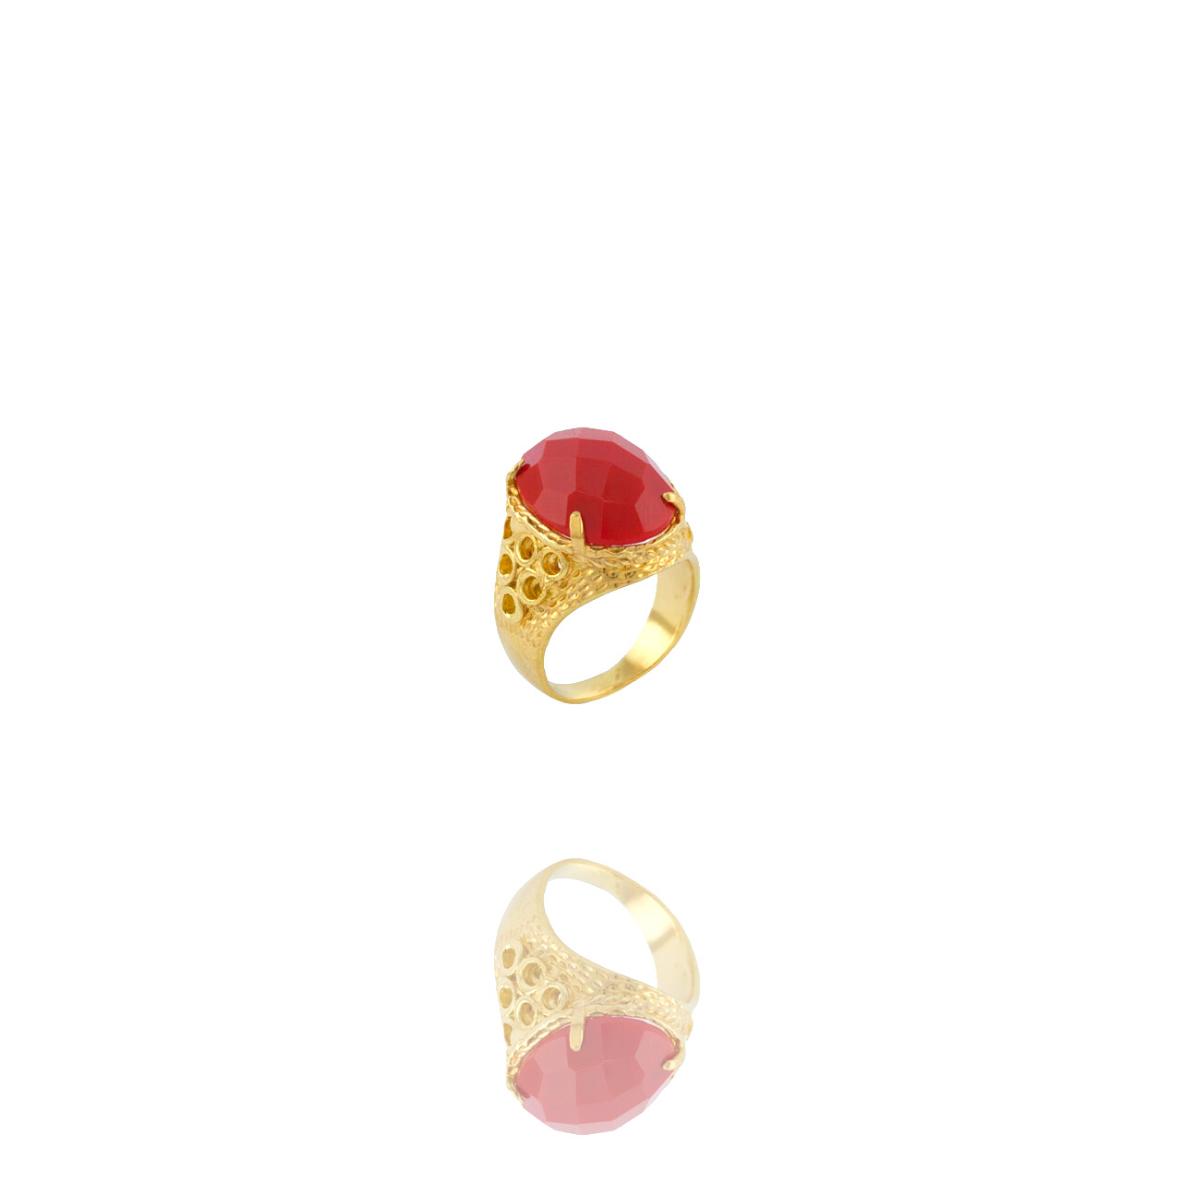 Anel Barbara Strauss Semi Joia Boston Em Resina Lalique Vermelho, Rev. Em Ouro Amarelo 18K